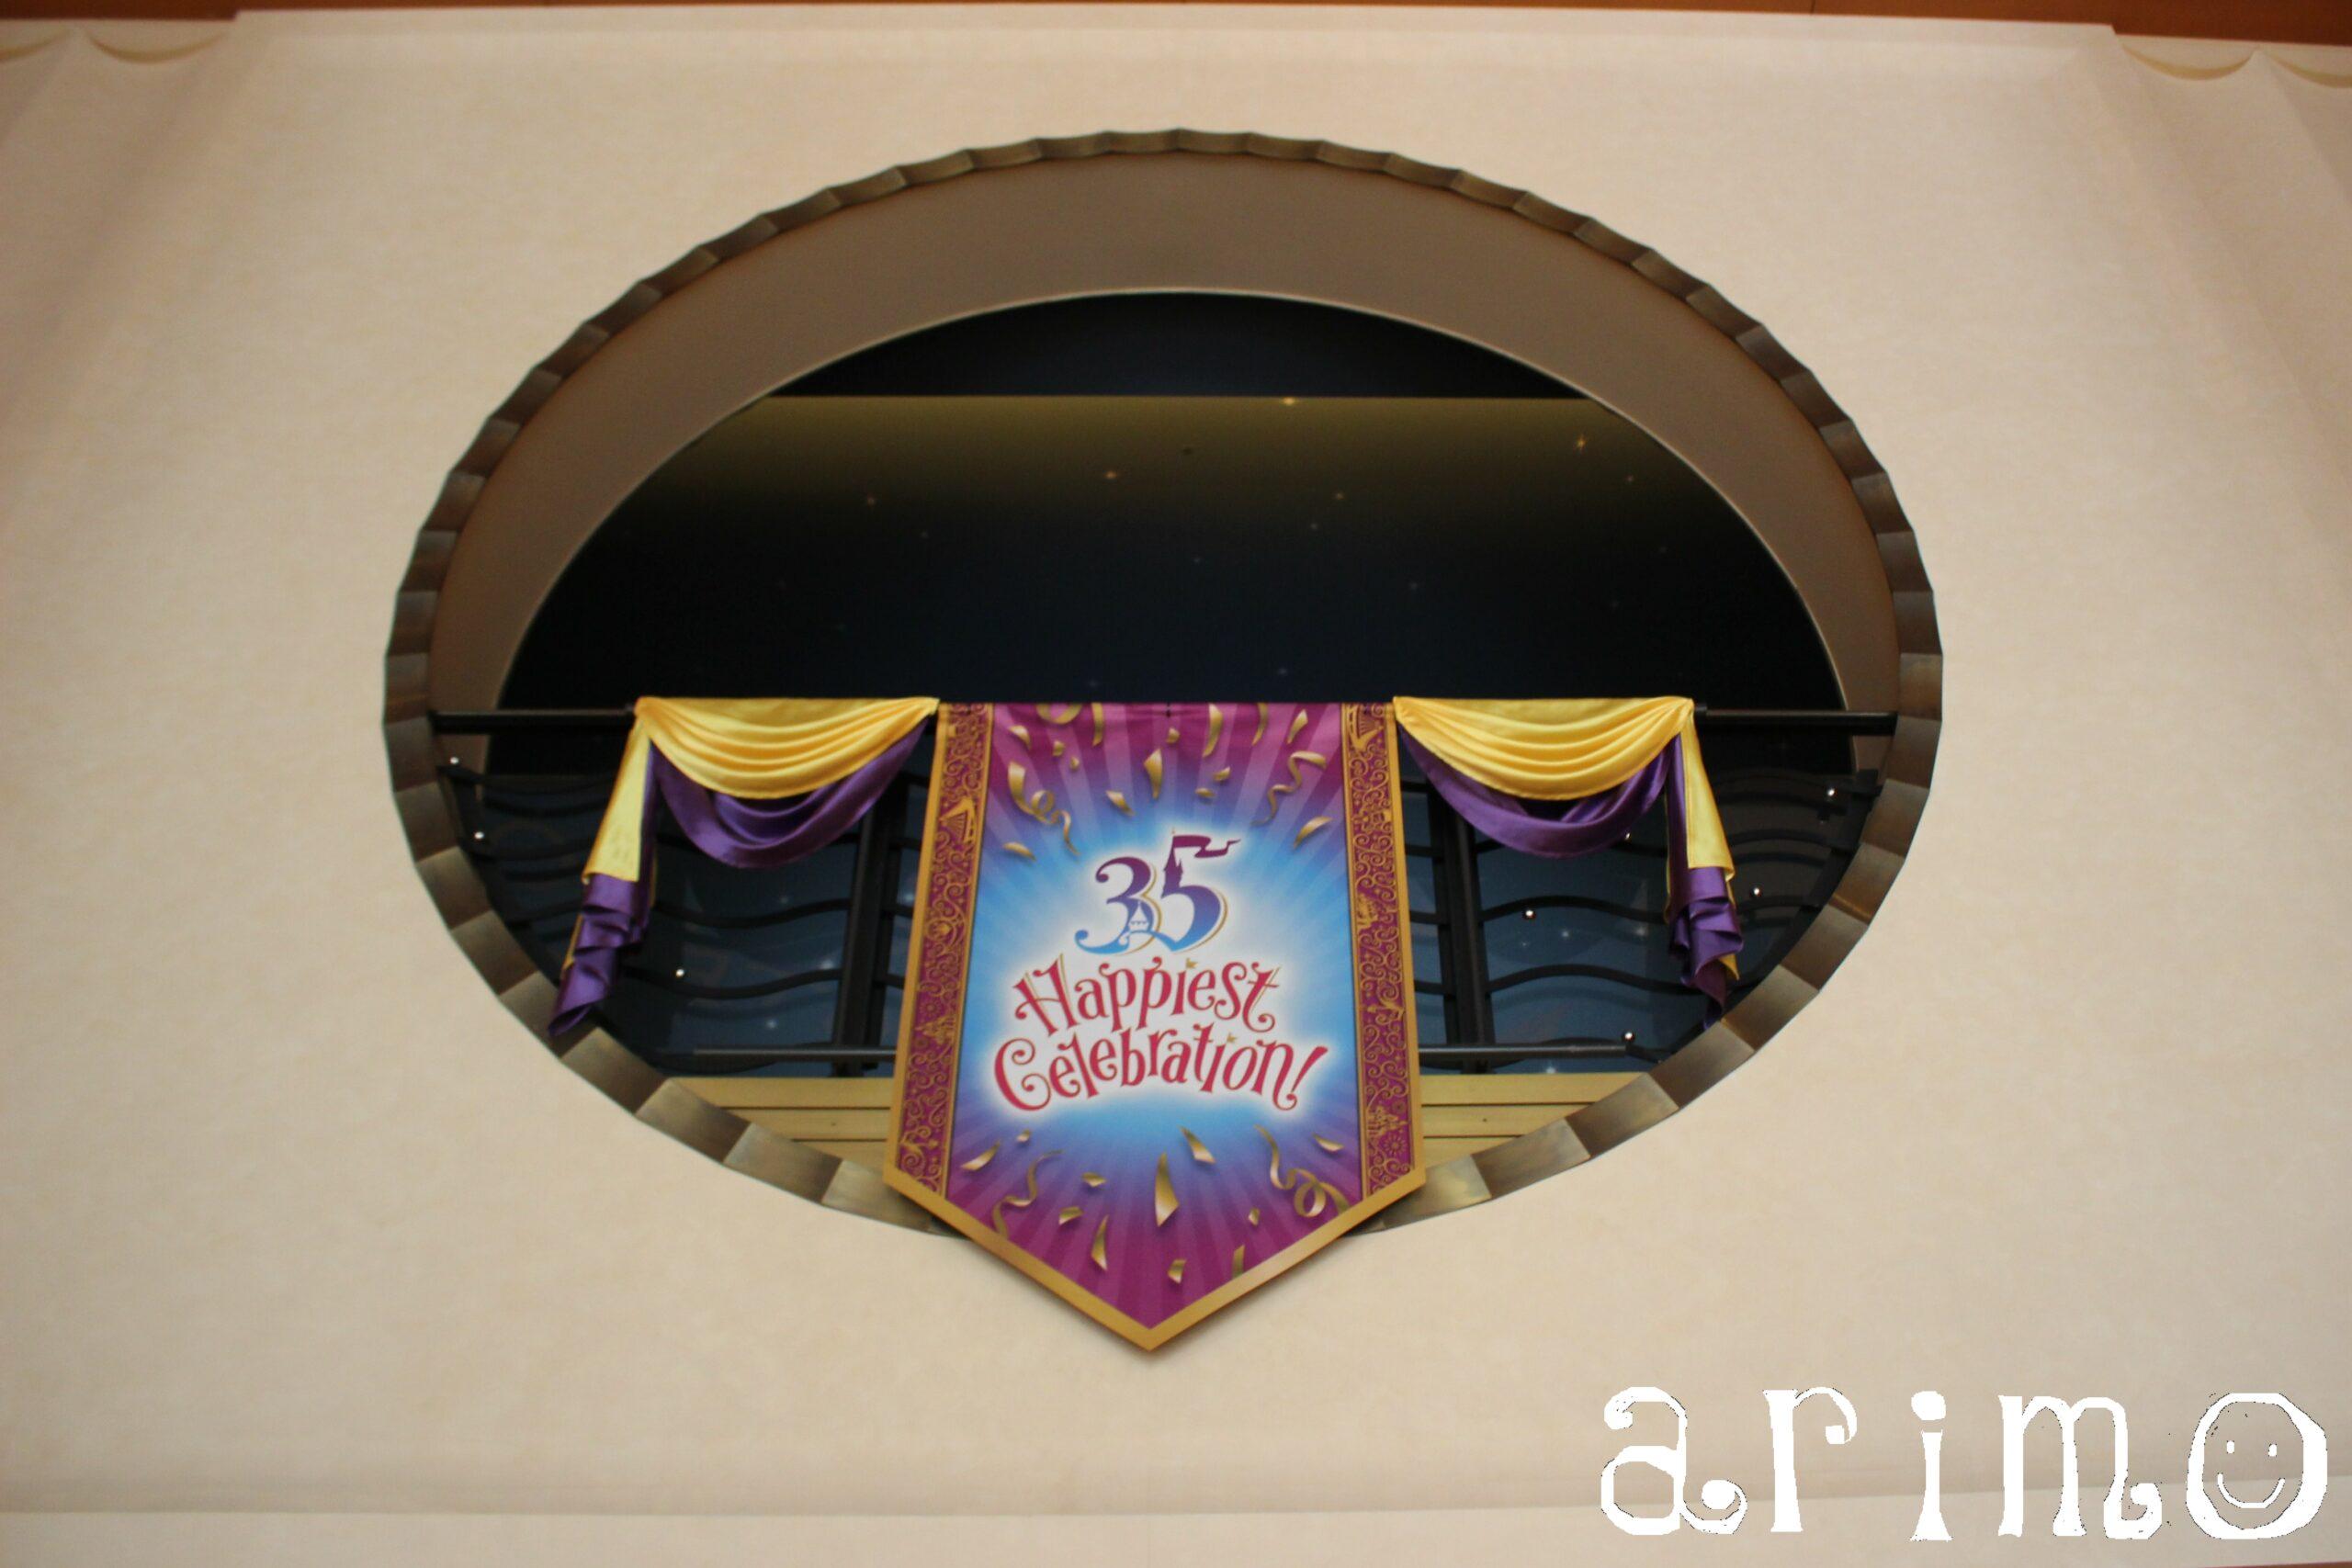 アンバサダーホテルロビーのピアノ…誰が弾いているの!?